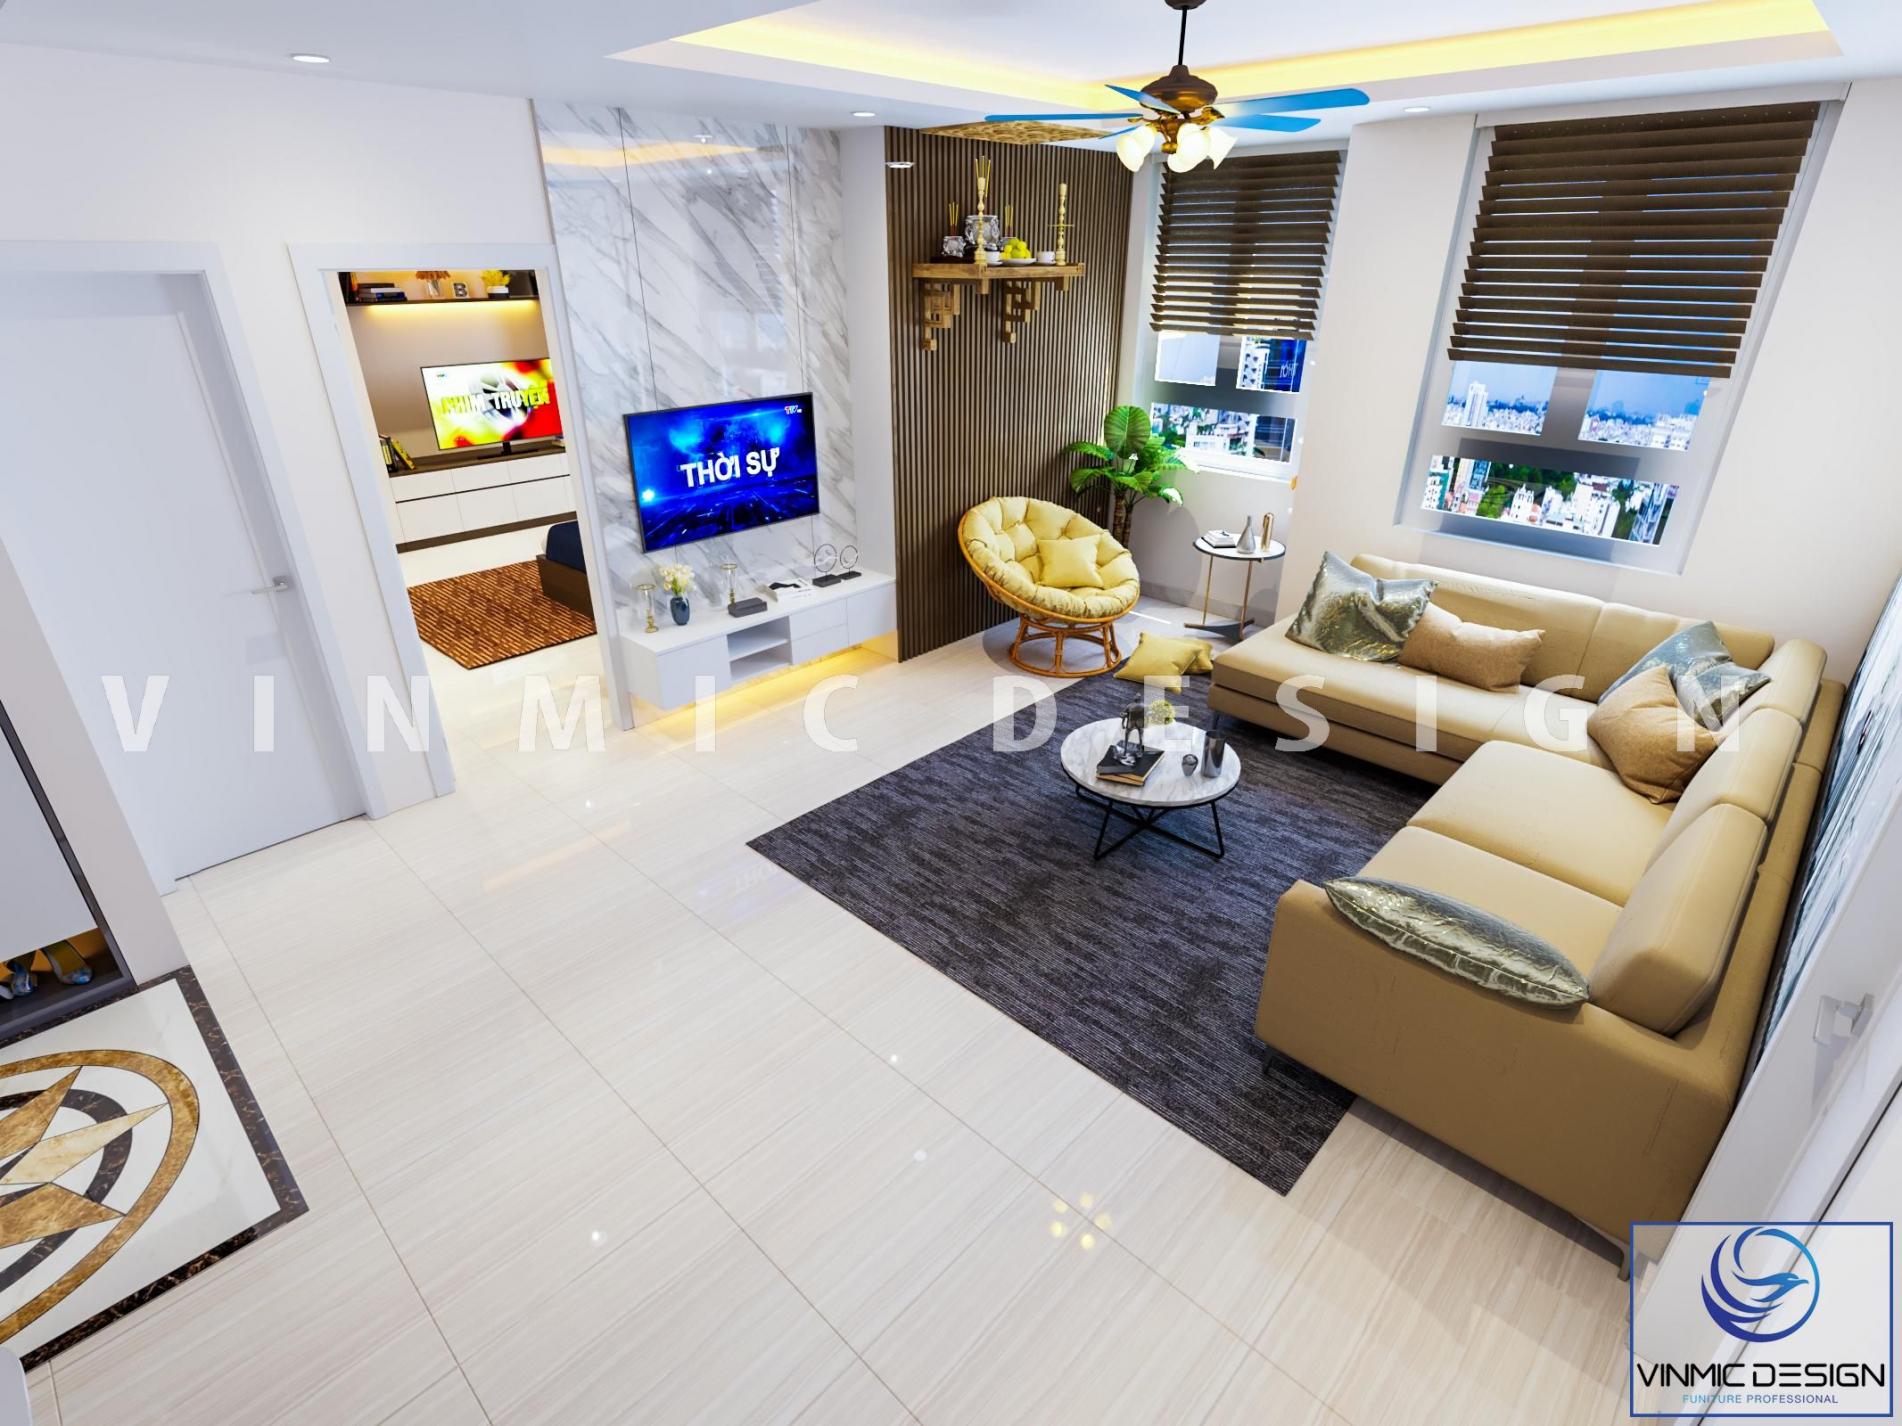 Thiết kế nội thất phòng hiện đại, nổi bật với bộ sofa da màu vàng trên nền tone trắng, lối thiết kế hài hòa